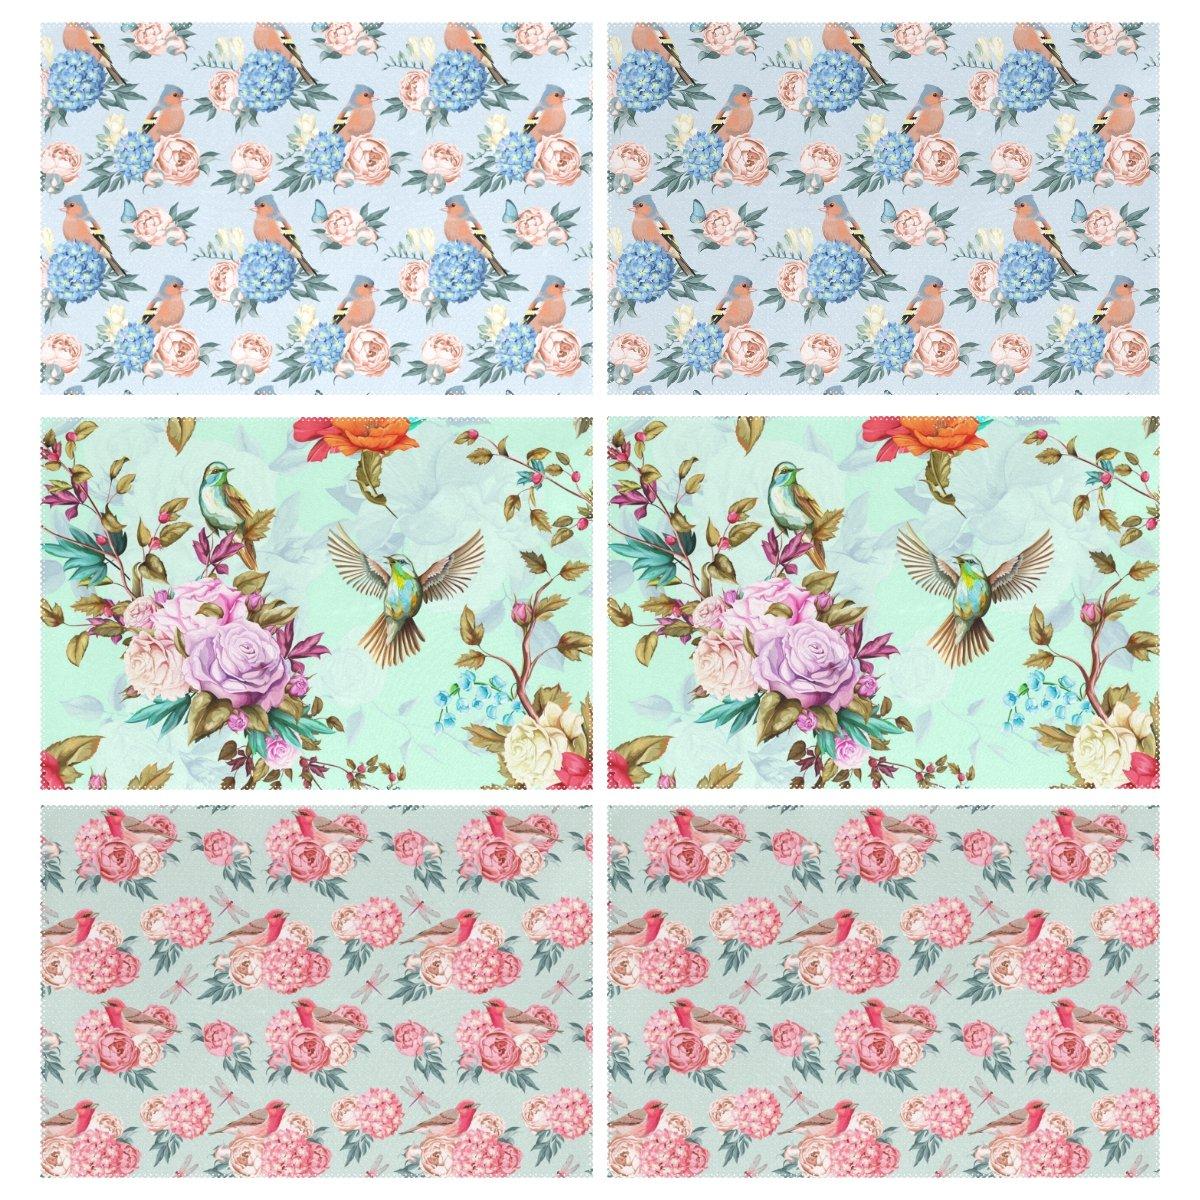 wellleeマルチデザインエレガントなHumming Birds花プレースマット6のセットポリエステルプレートホルダーテーブルマットキッチンダイニングルーム用、12 x 18インチ   B071X92PFM